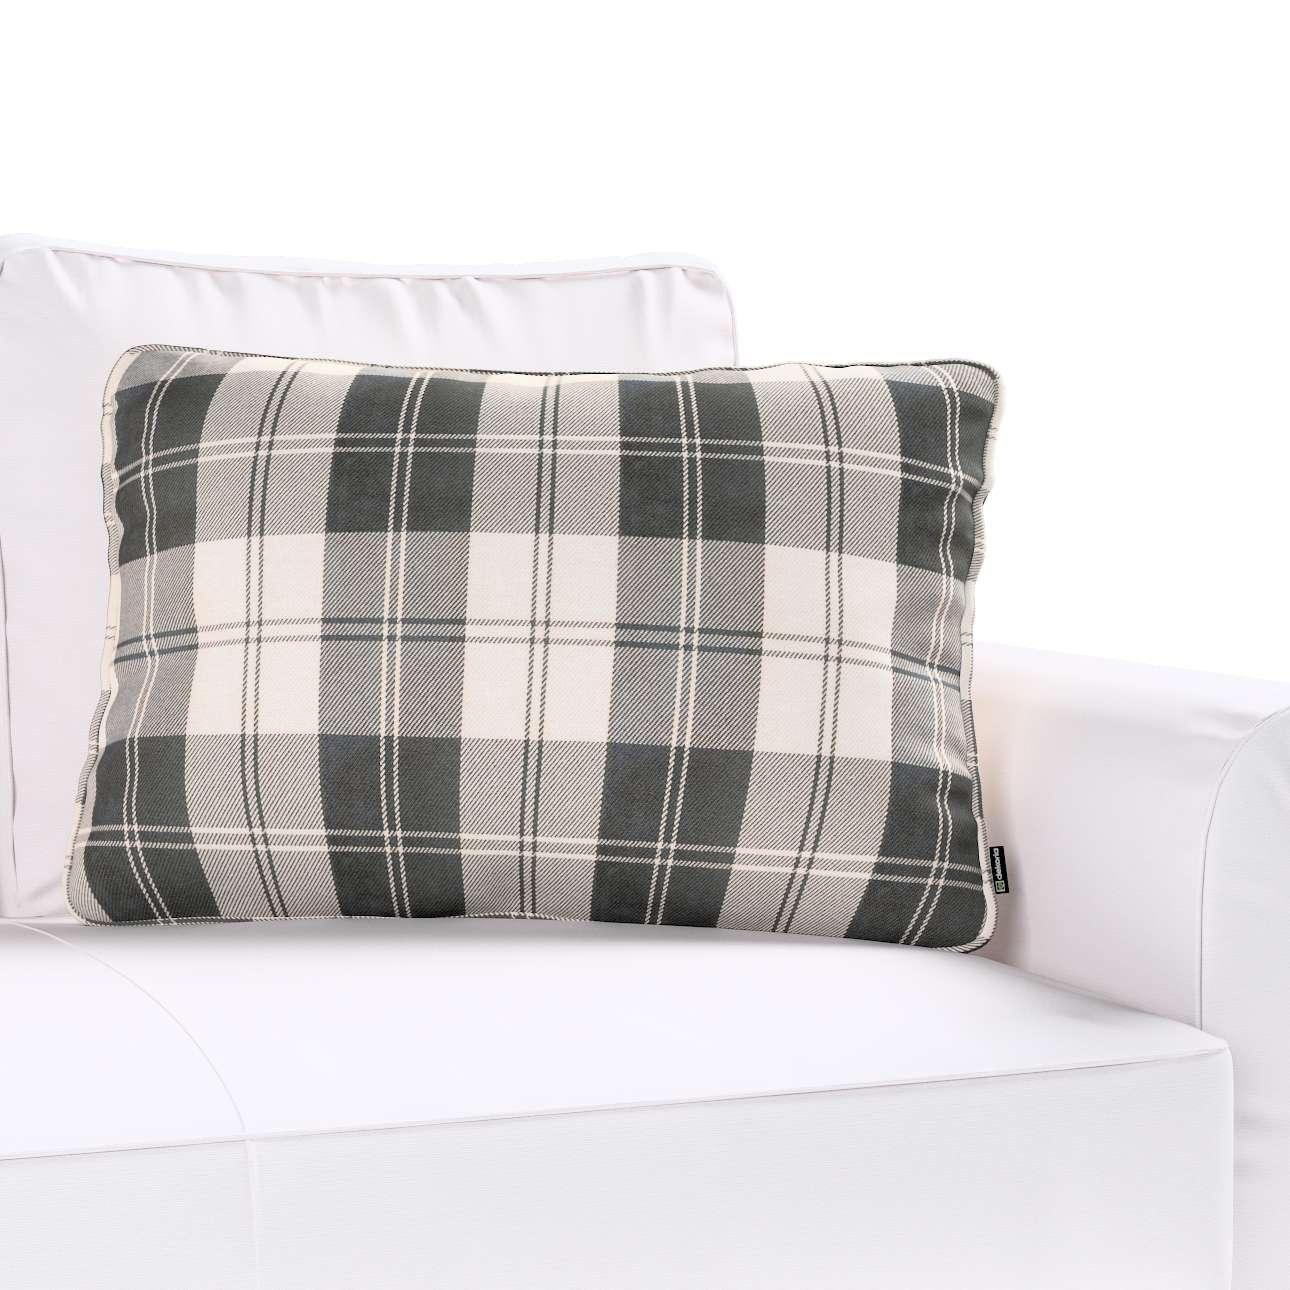 Poszewka Gabi na poduszkę prostokątna w kolekcji Edinburgh, tkanina: 115-74